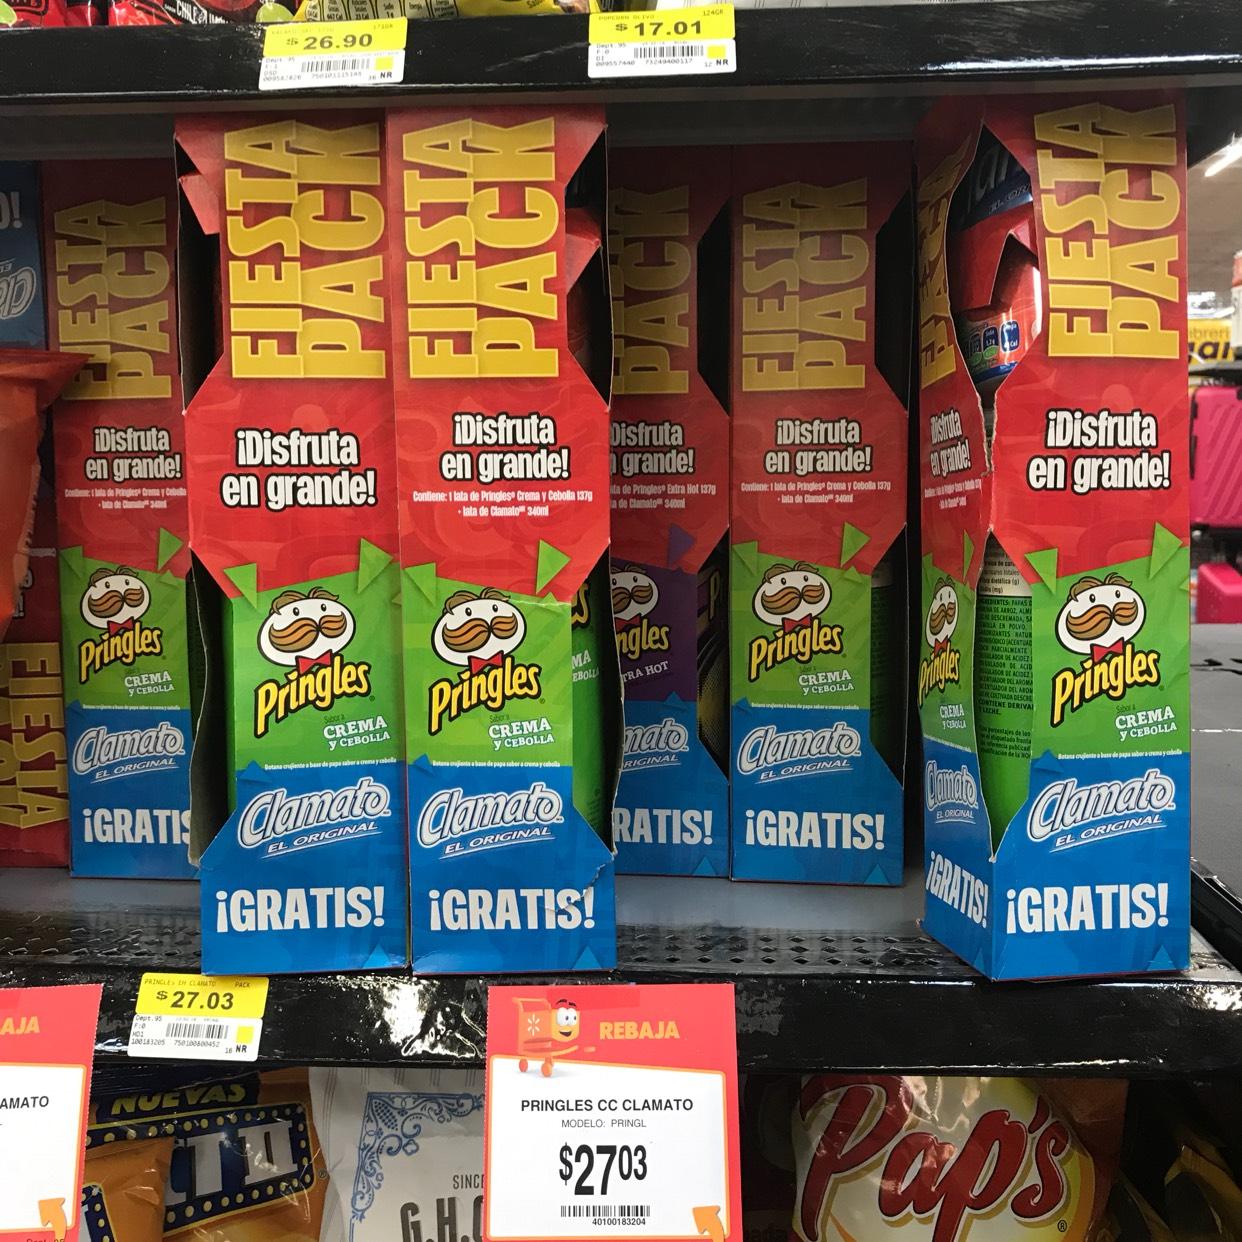 Walmart: Pringles con clamato $27.03